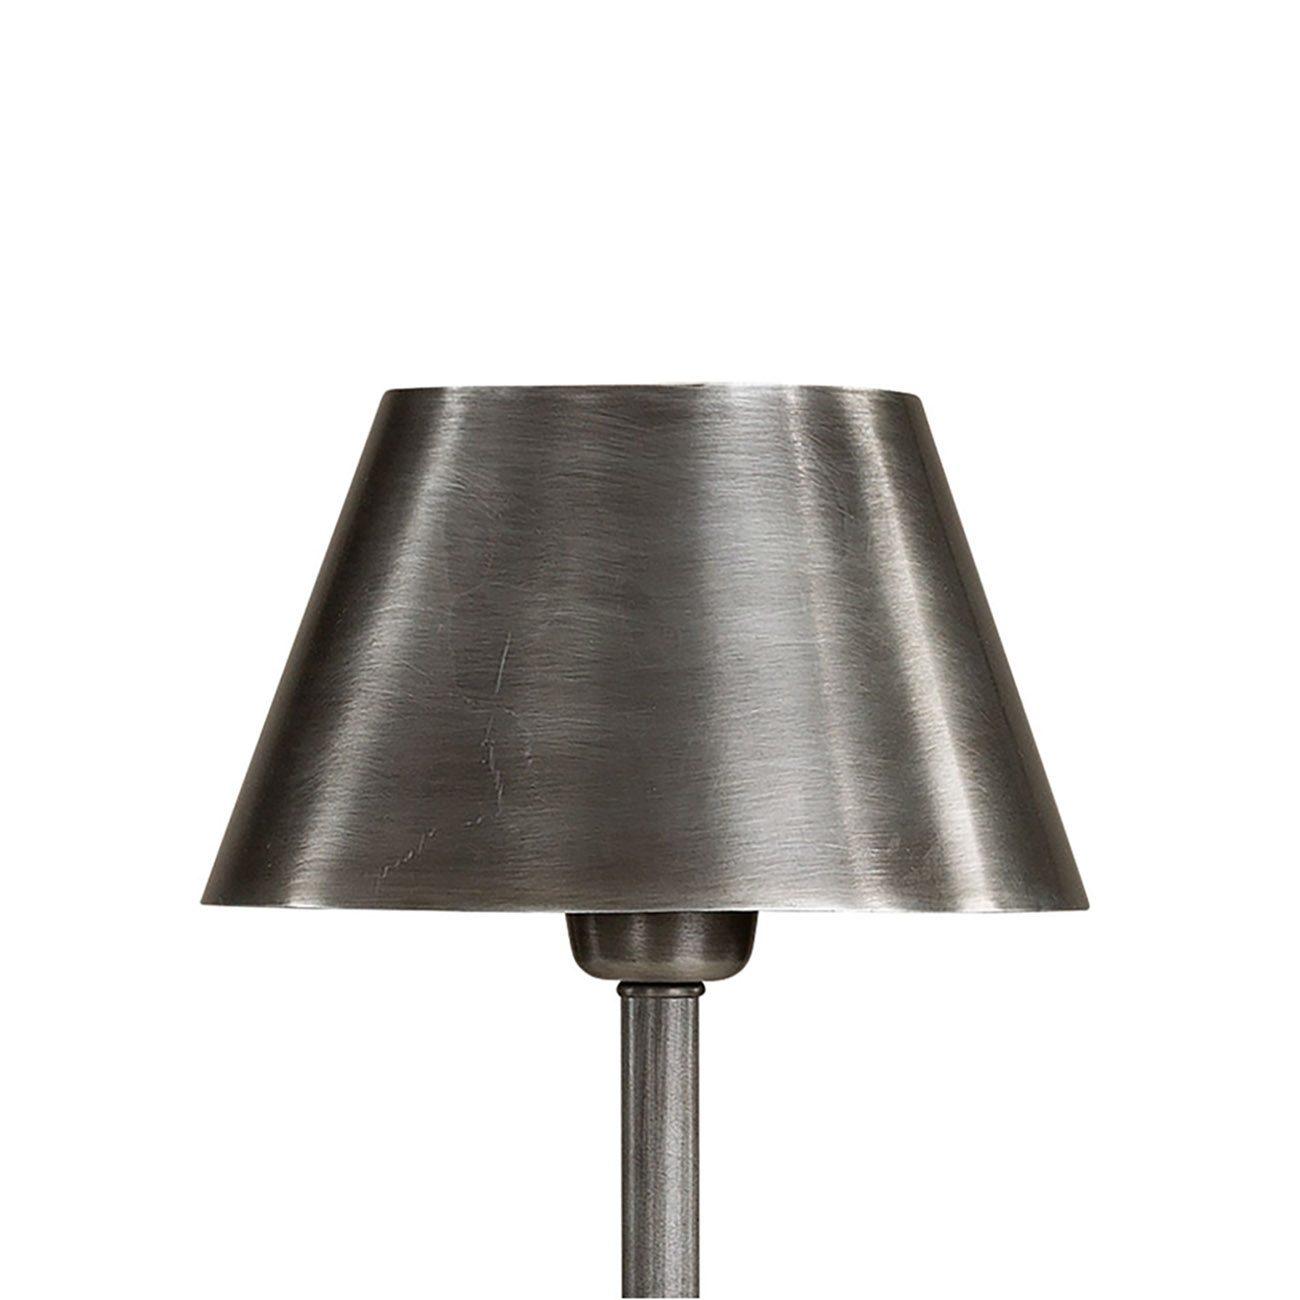 Pewter, liten lampskärm i metall från Artwood.